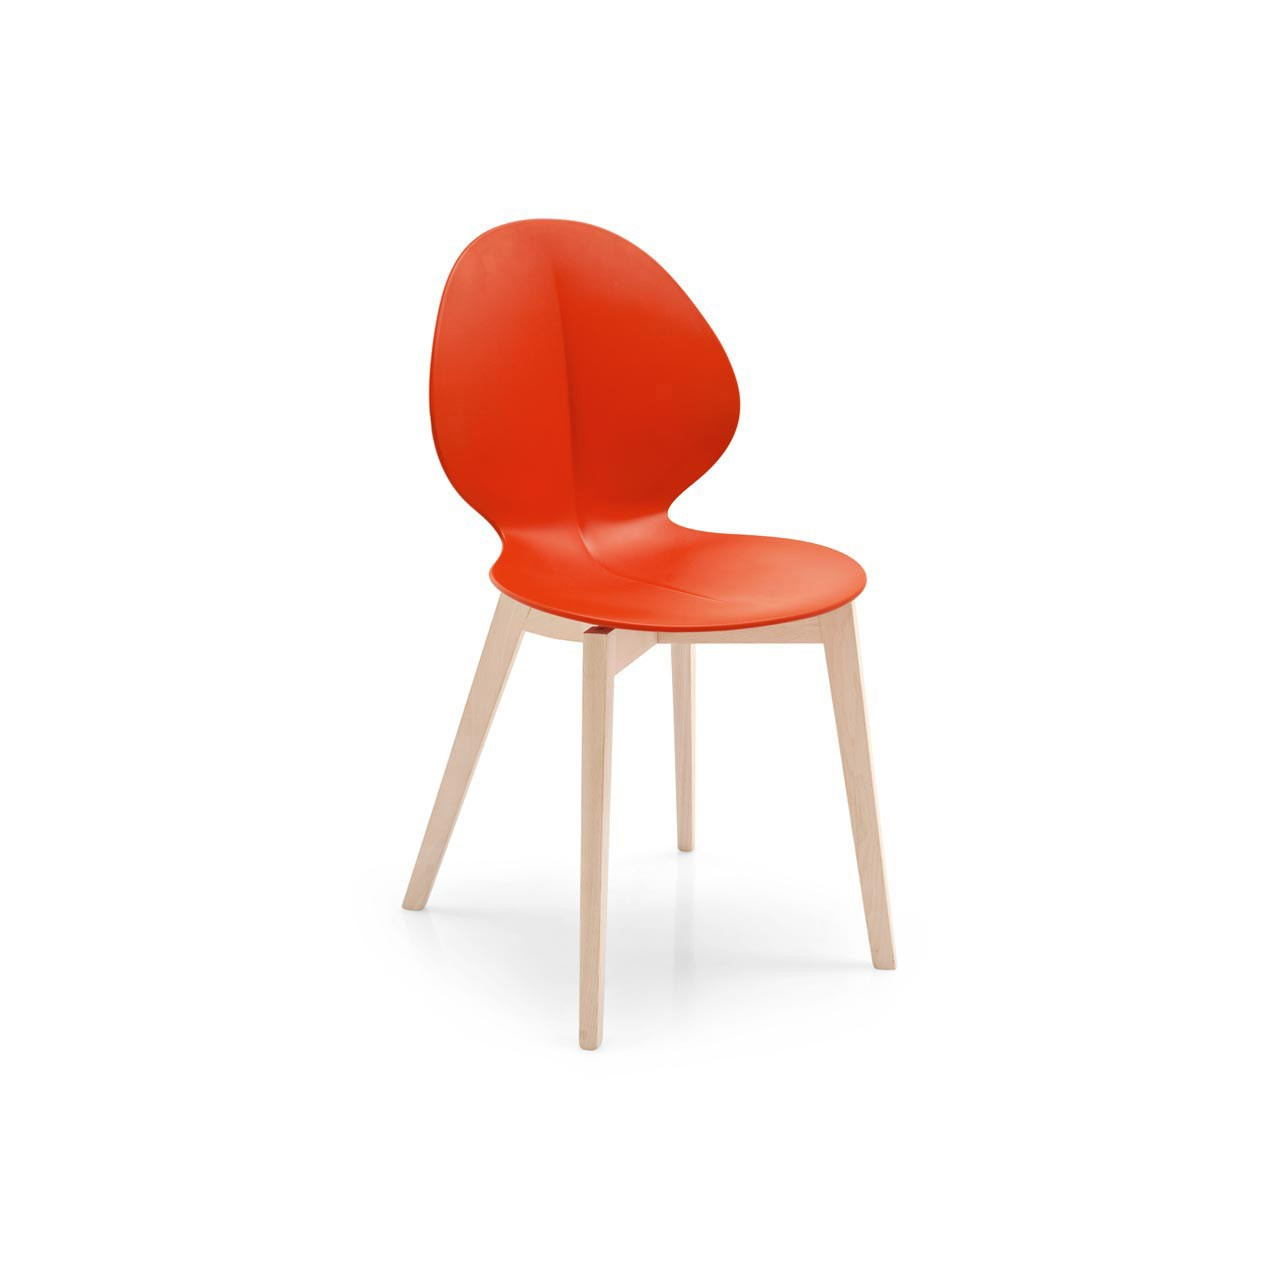 Basil w sedia sedie e sgabelli torino calligaris arredamenti traiano - Sedia juliet calligaris prezzo ...